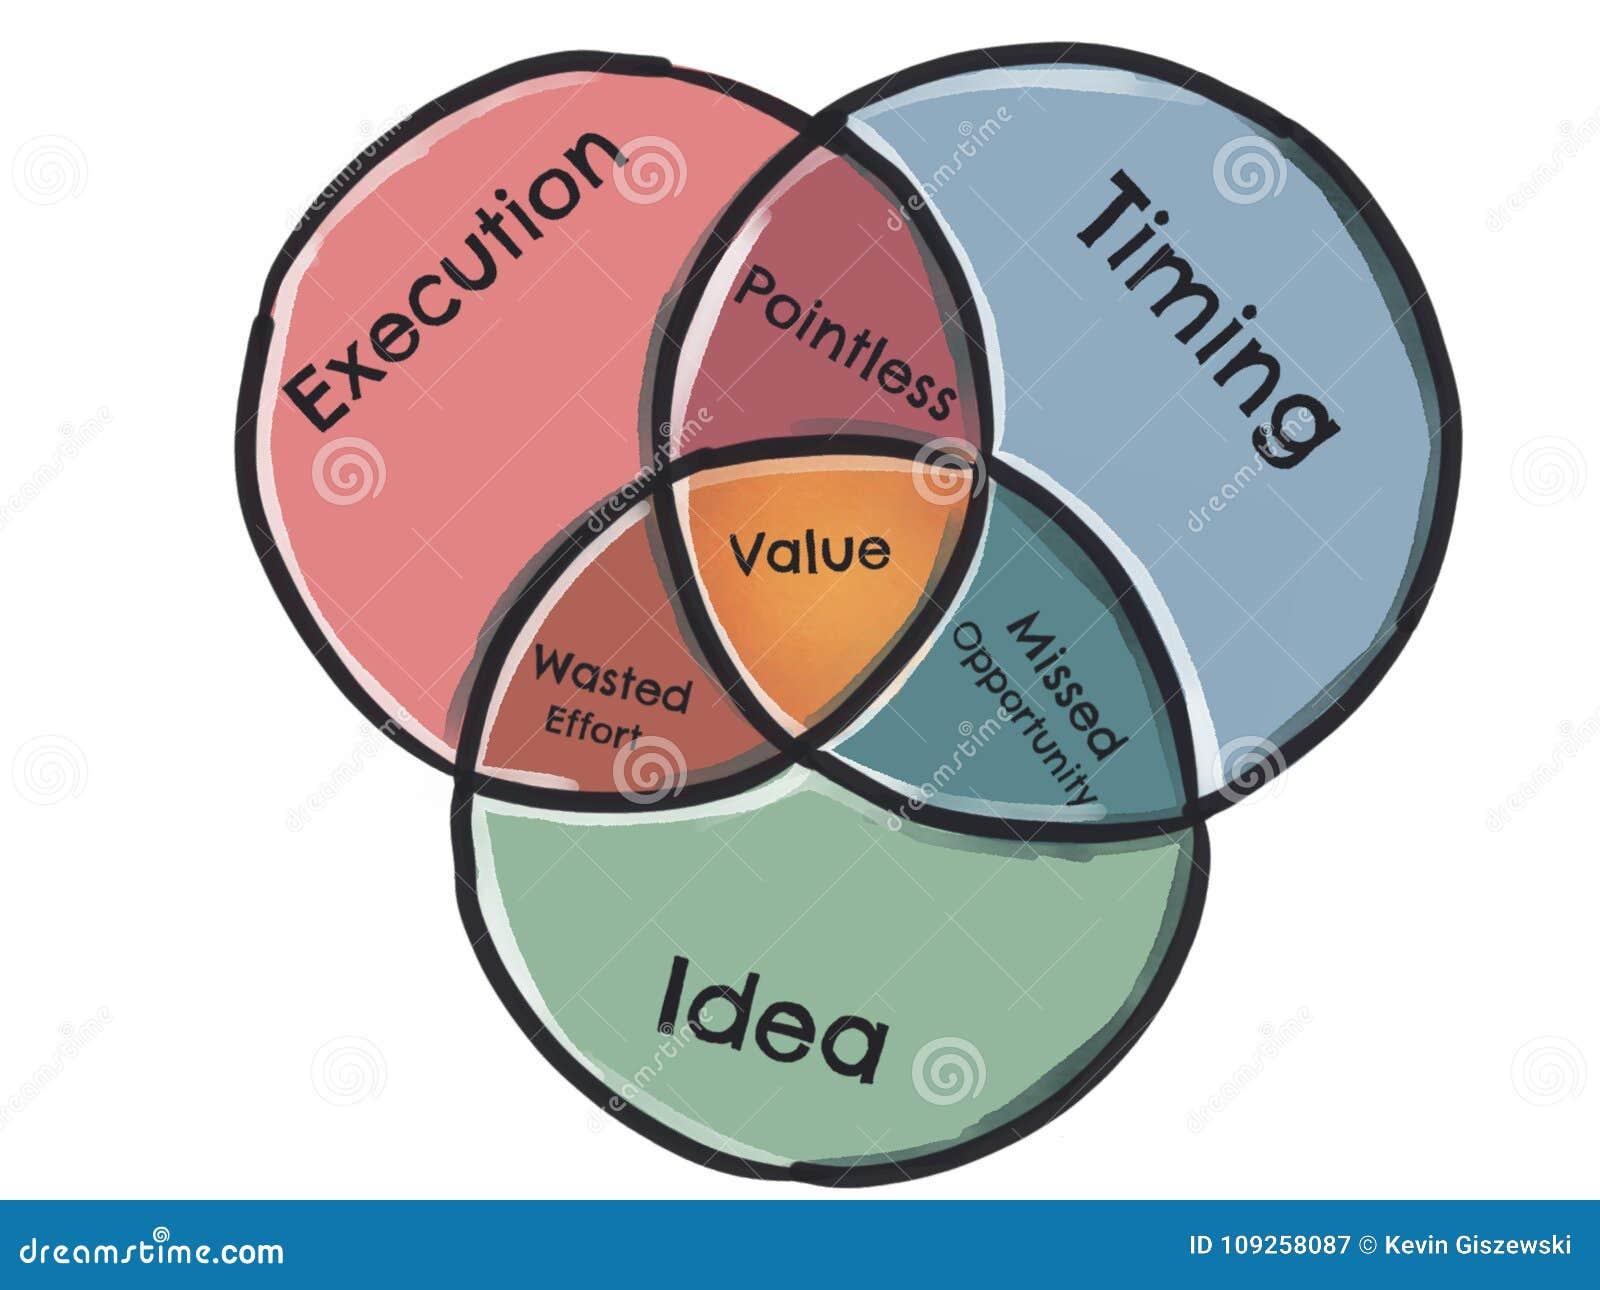 Διάγραμμα Venn - εκτέλεση, συγχρονισμός, ιδέα